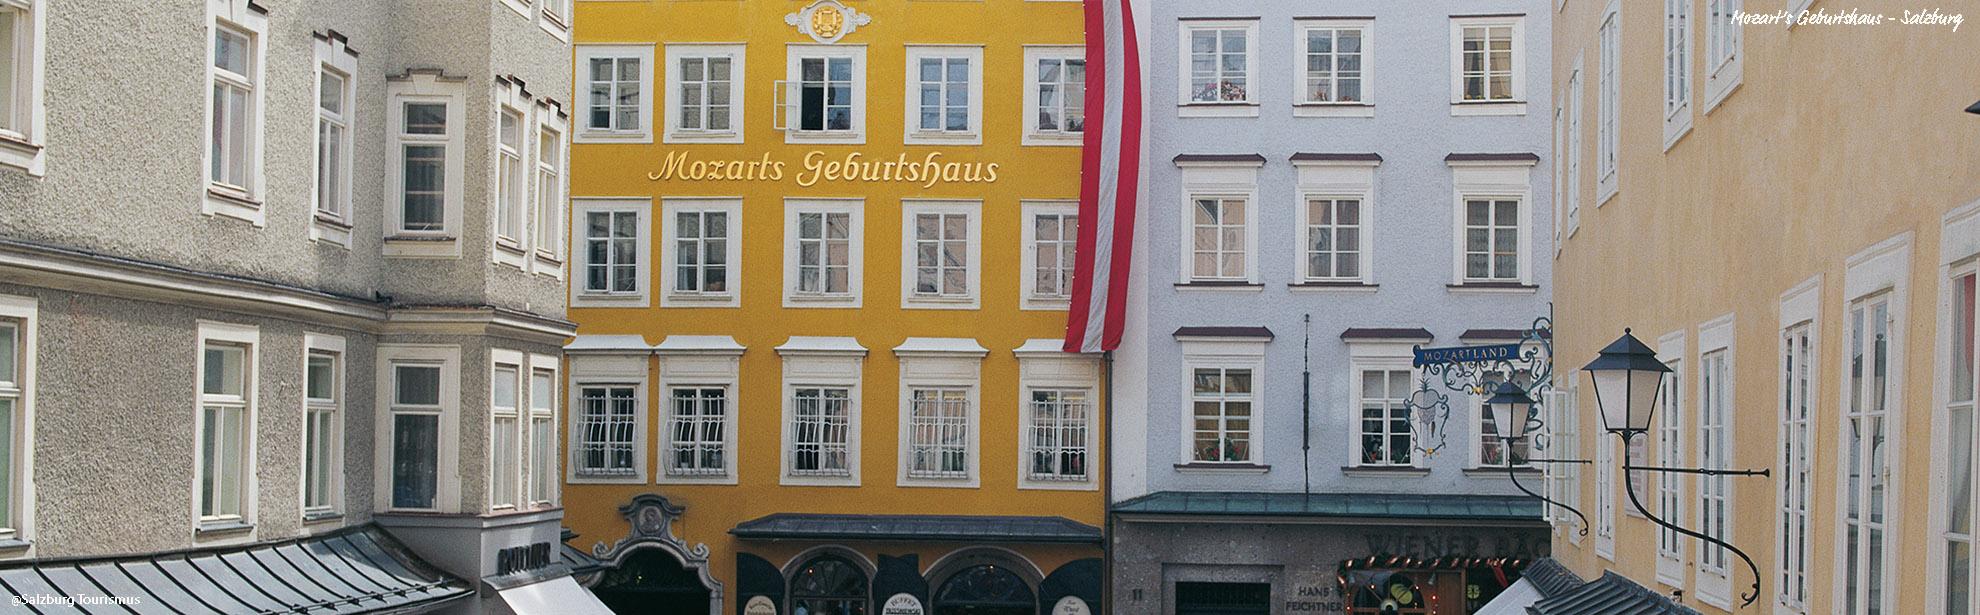 OSalzburg-Tourismus_Mozarts_Geburtshaus_02